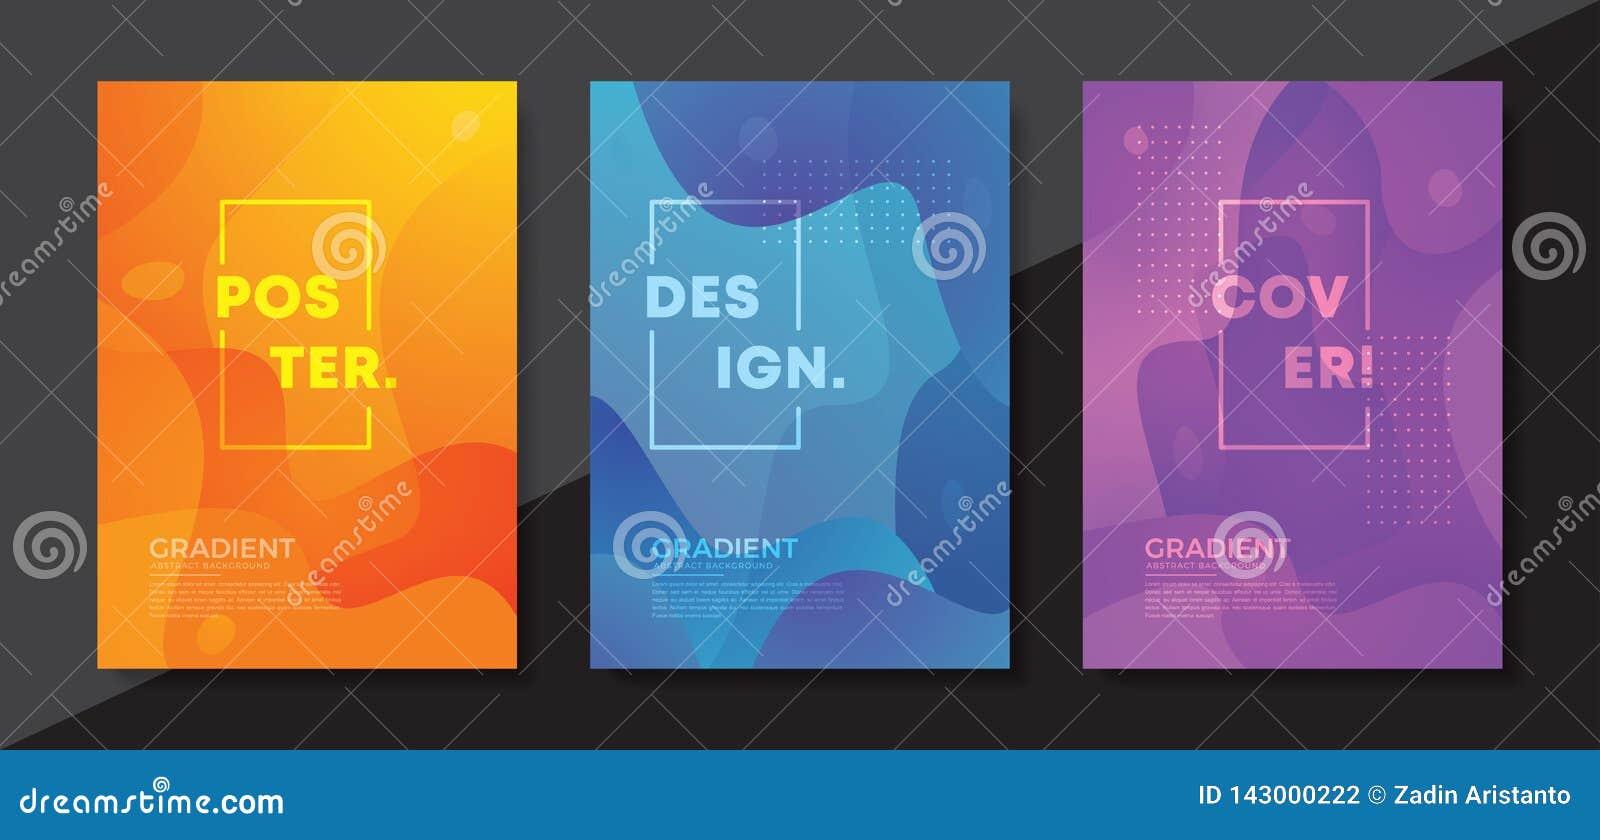 Dynamisch geweven ontwerp als achtergrond in 3D stijl met oranje kleur Achtergrond voor het Mobiele Scherm, Reclame, Achtergrond,